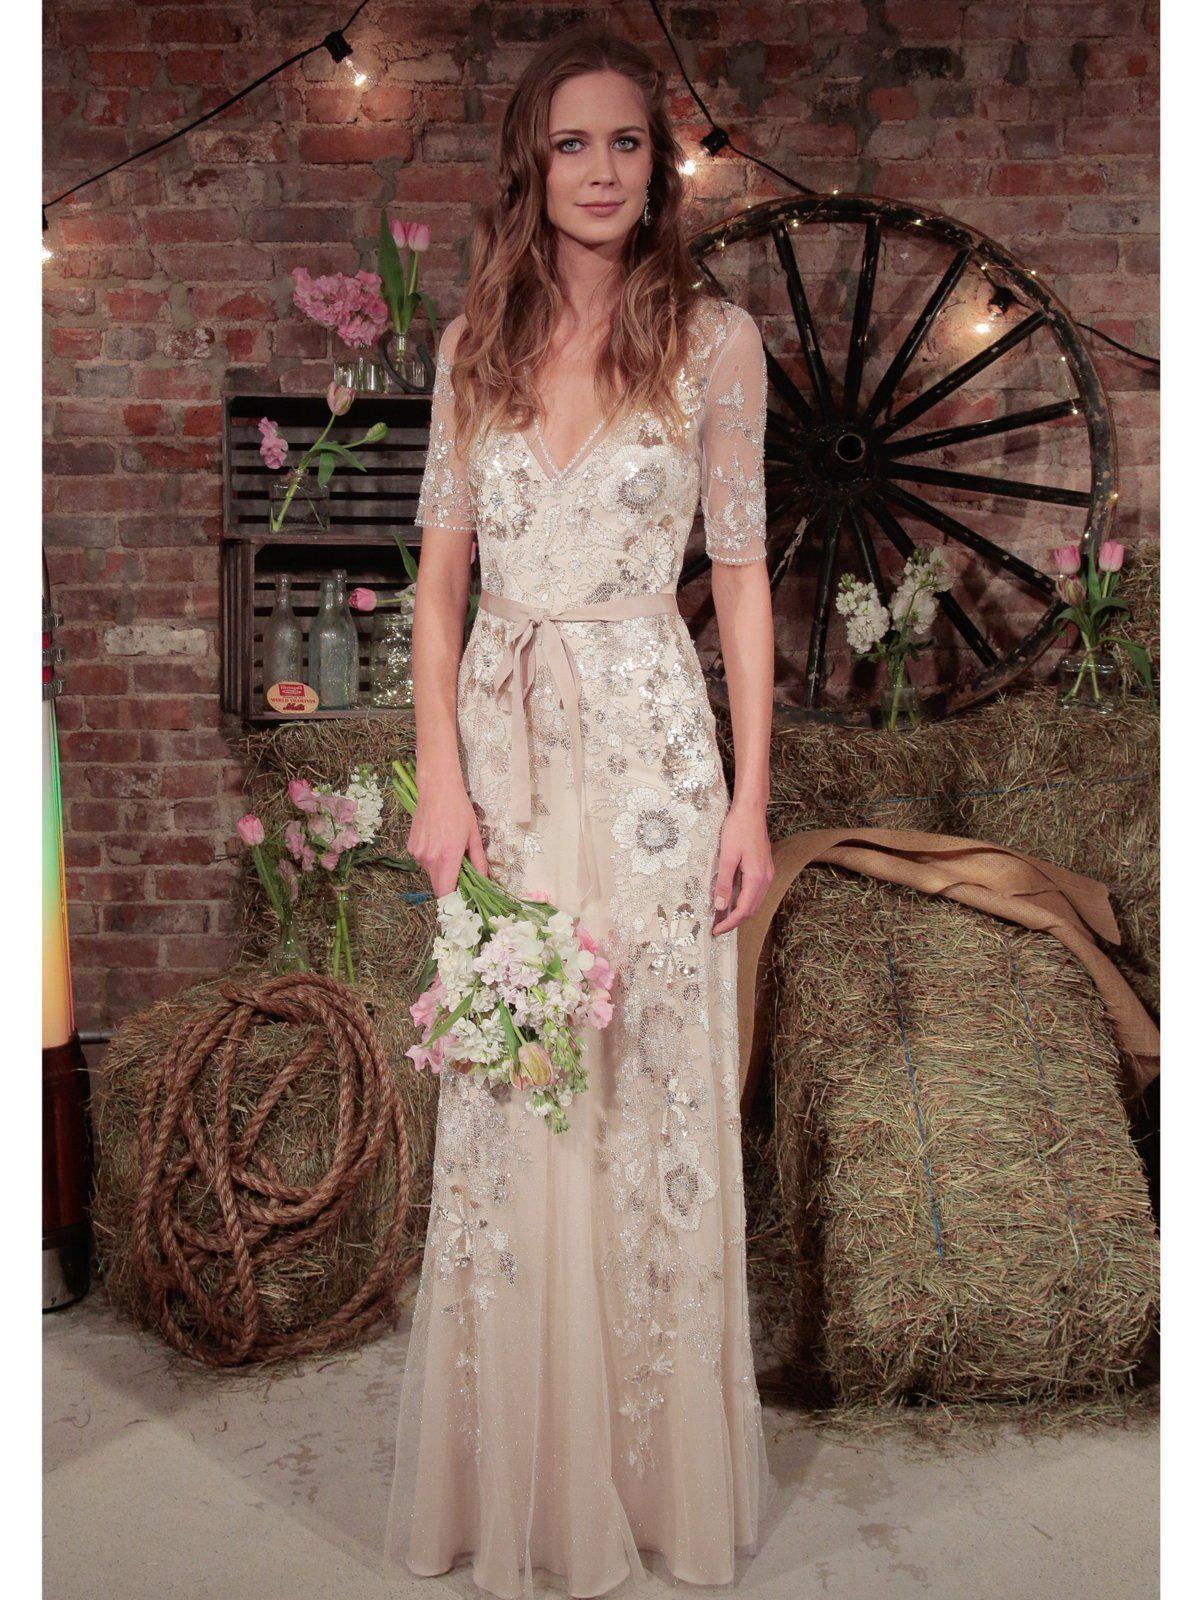 Unkonventionelle Brautkleider | Halblange Ärmel, Halblang und Hippie ...